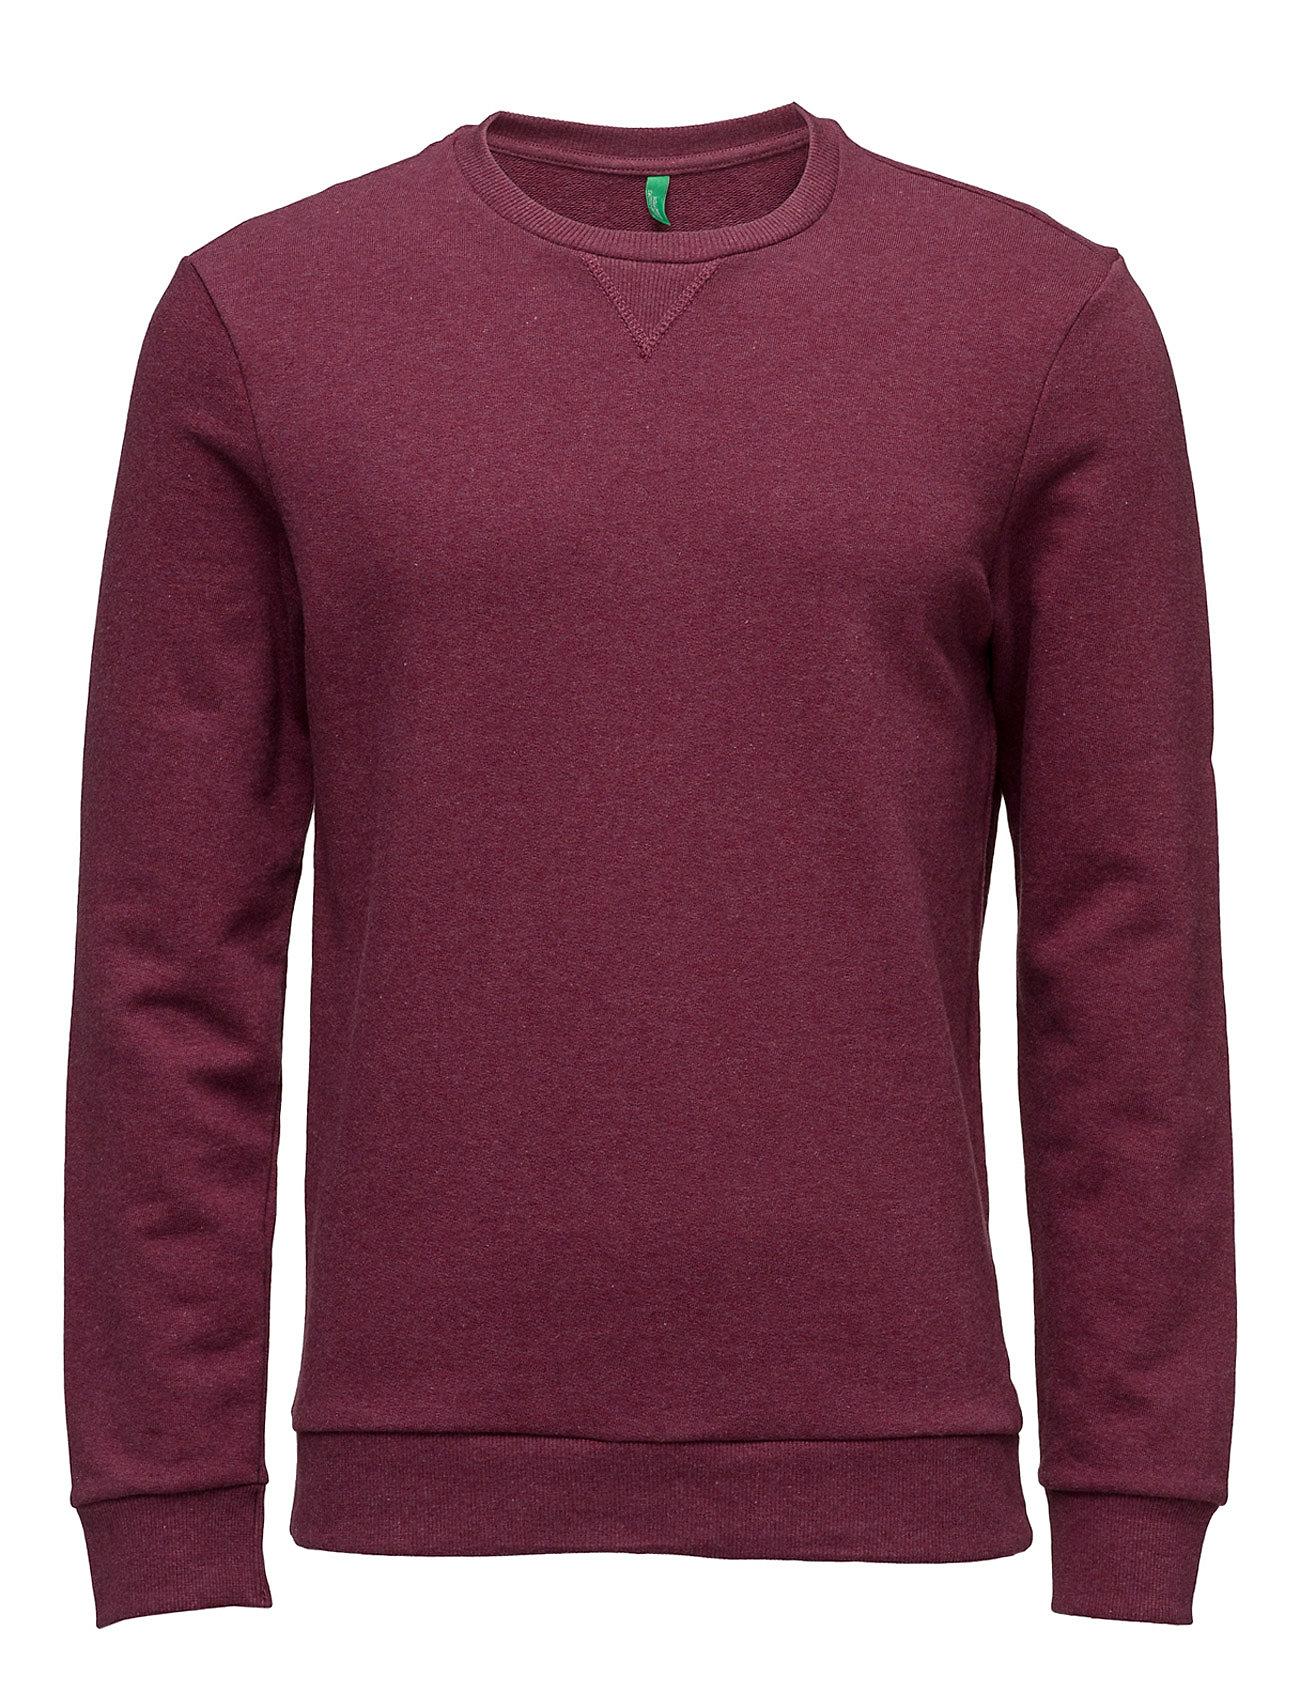 Sweater L/S United Colors of Benetton Striktrøjer til Mænd i